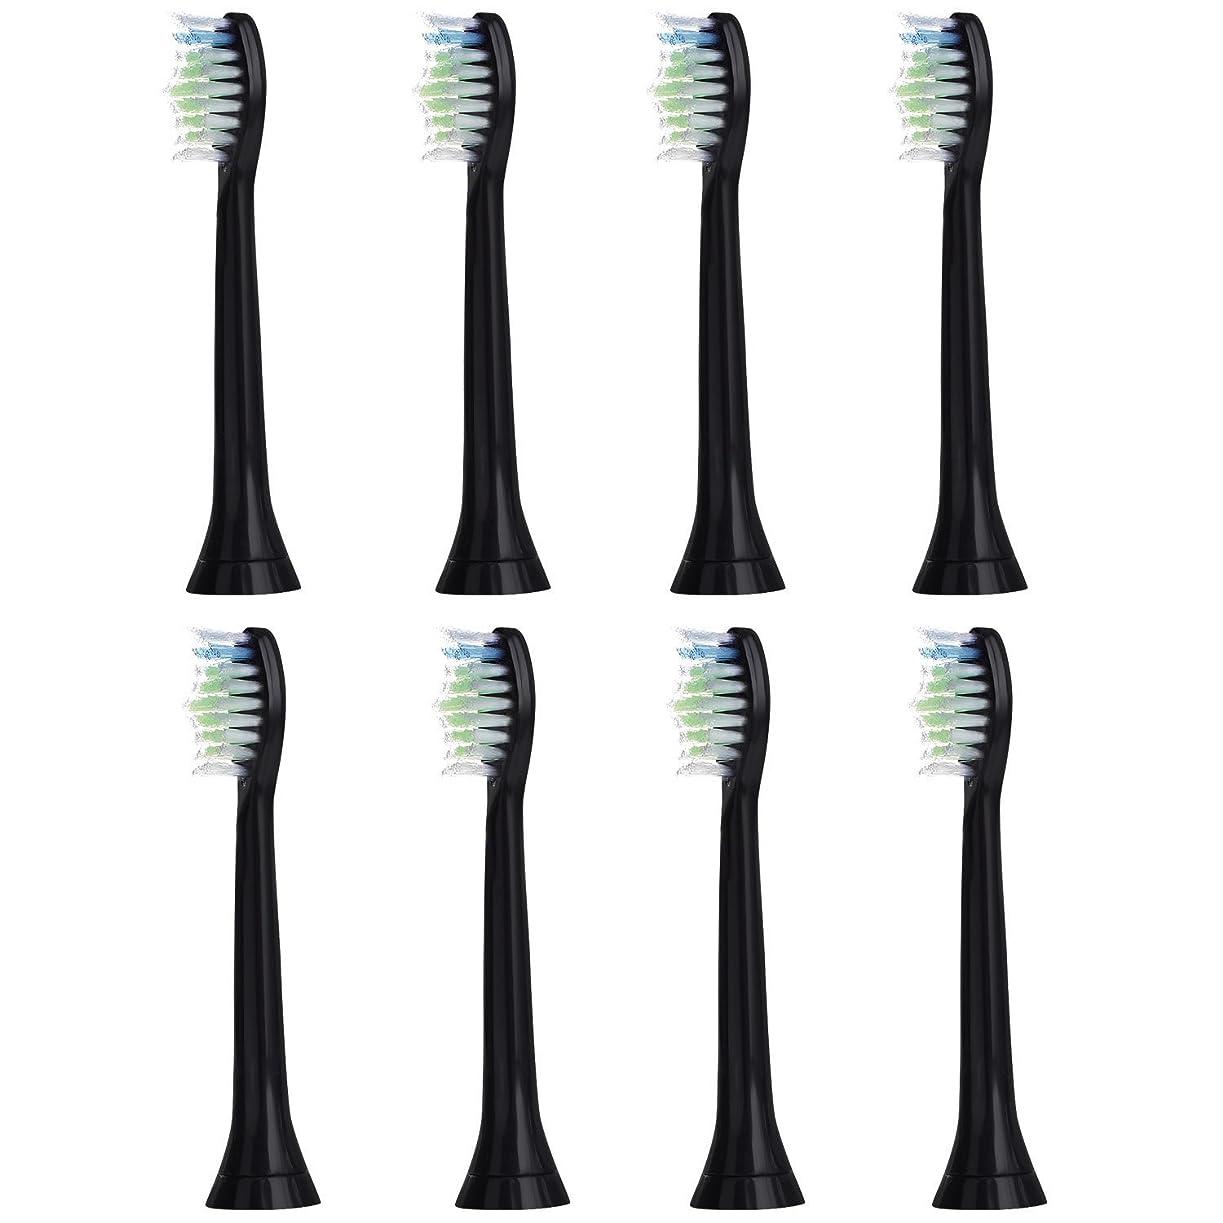 ドロップ立法接地8個セット (2x4) E-Cron? Philips ソニッケアーダイヤモンドクリーン ブラック替ブラシ。次のフィリップス電動歯ブラシのモデルとの完全互換性があります: DiamondClean、FlexCare、FlexCare Platinum、 FlexCare(+)、 HealthyWhite、2シリーズ、EasyClean およびPowerUp。